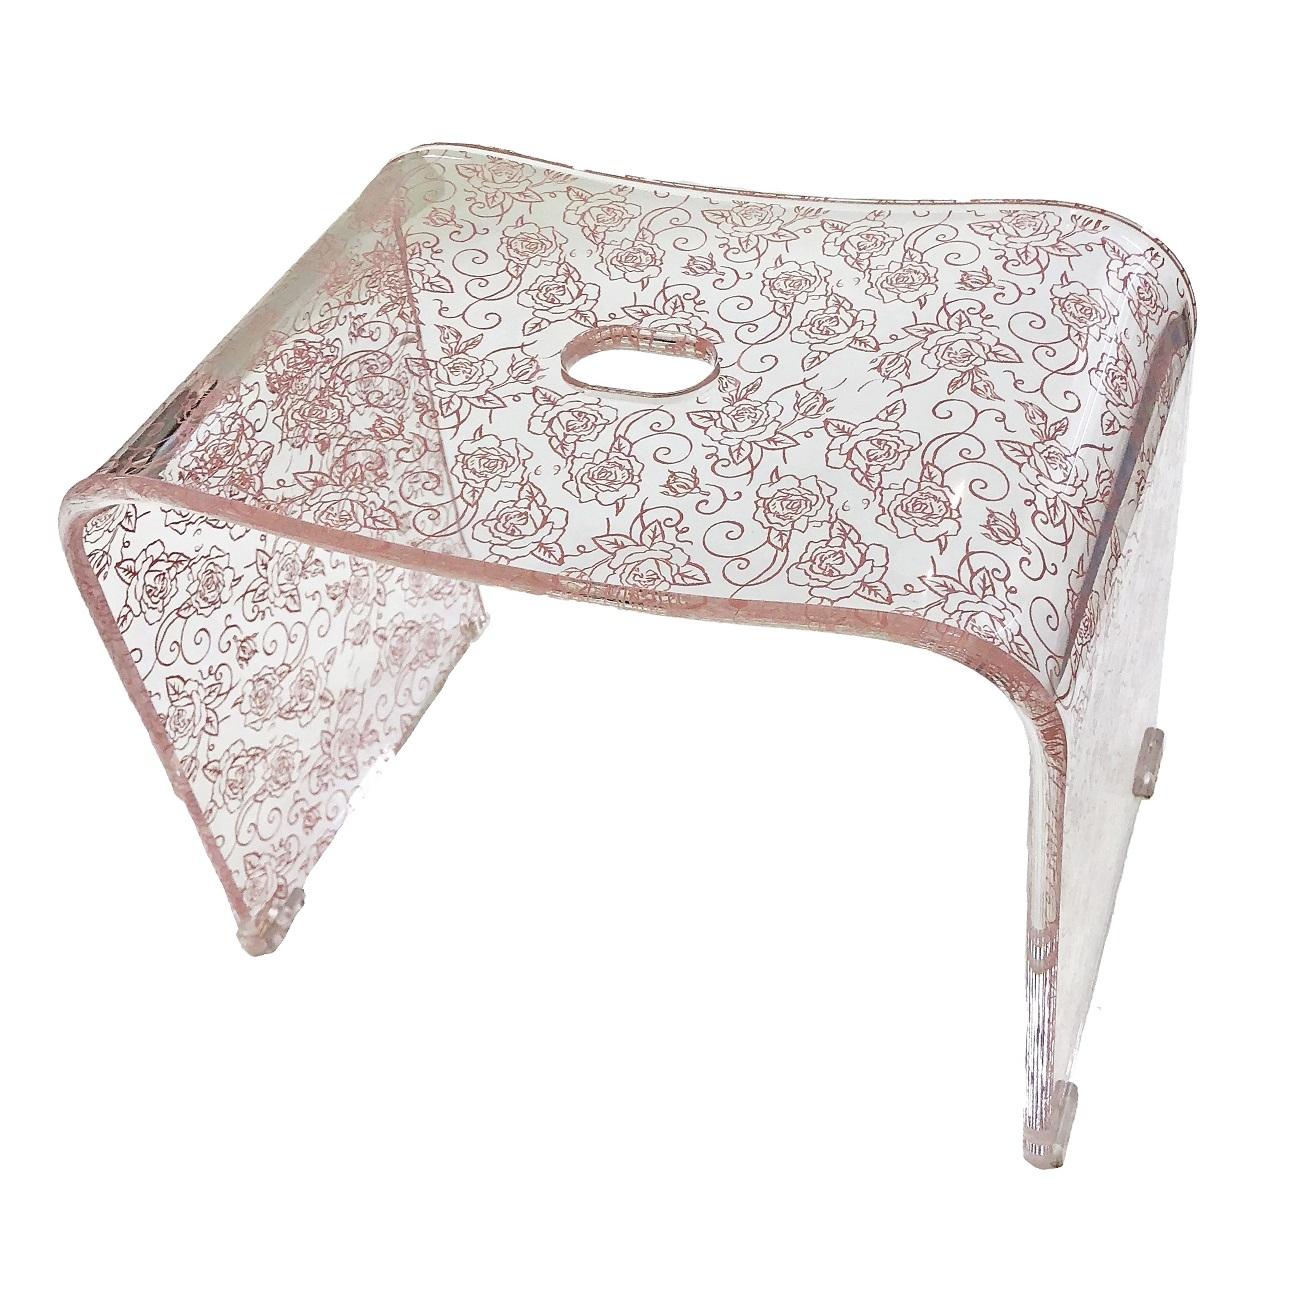 クリアローズN バスチェア Lサイズ(高さ:約30cm) ピンク